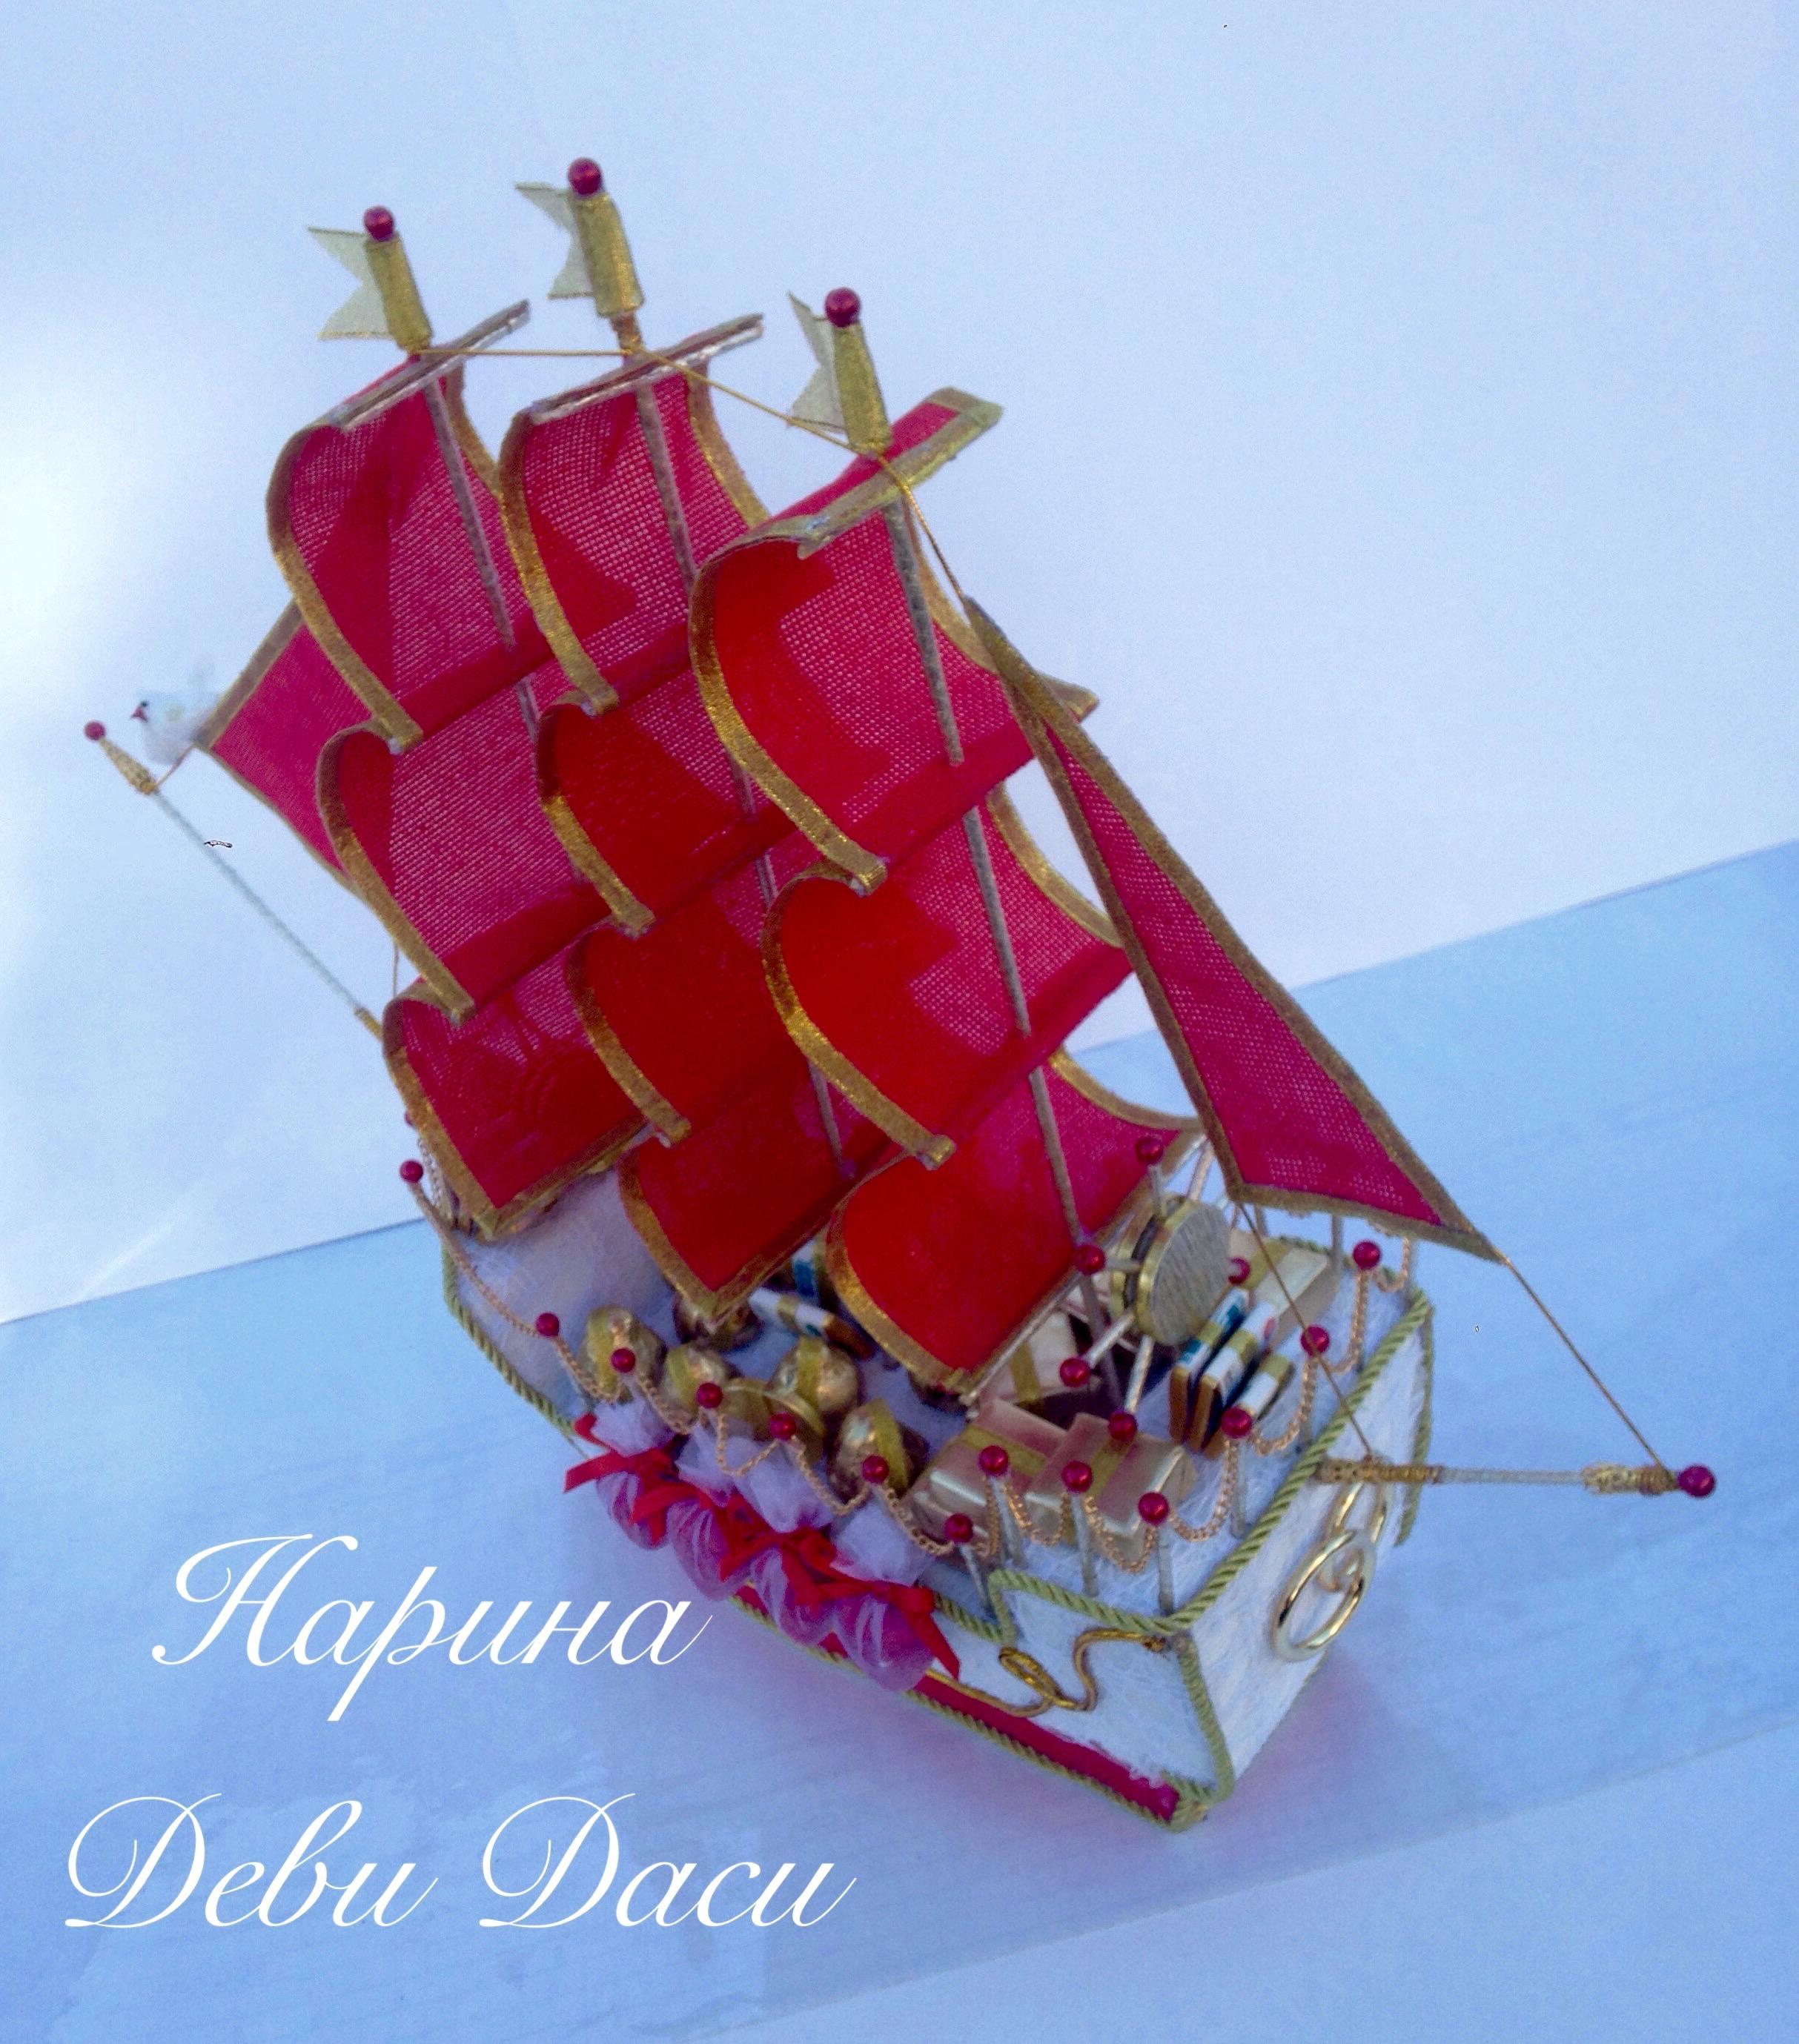 Как сделать корабль из конфет своими руками. Пошаговый мастер-класс